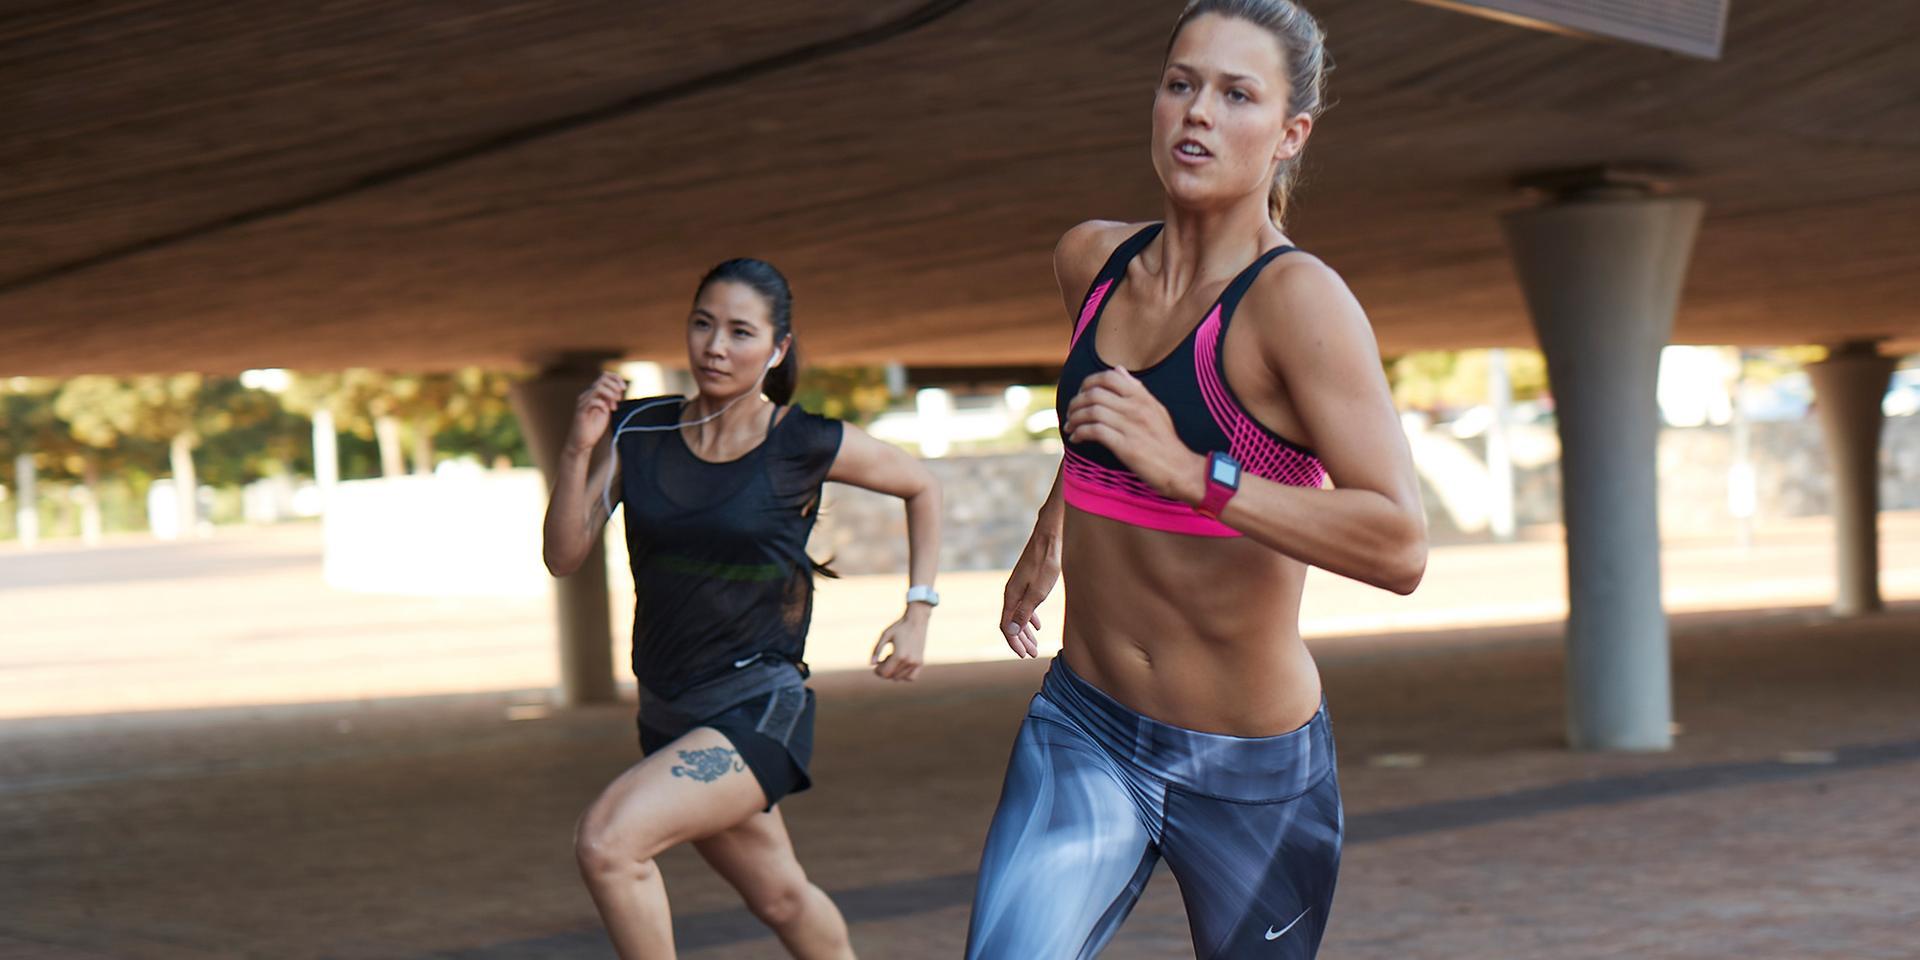 Zwei Frauen beim Lauftraining.